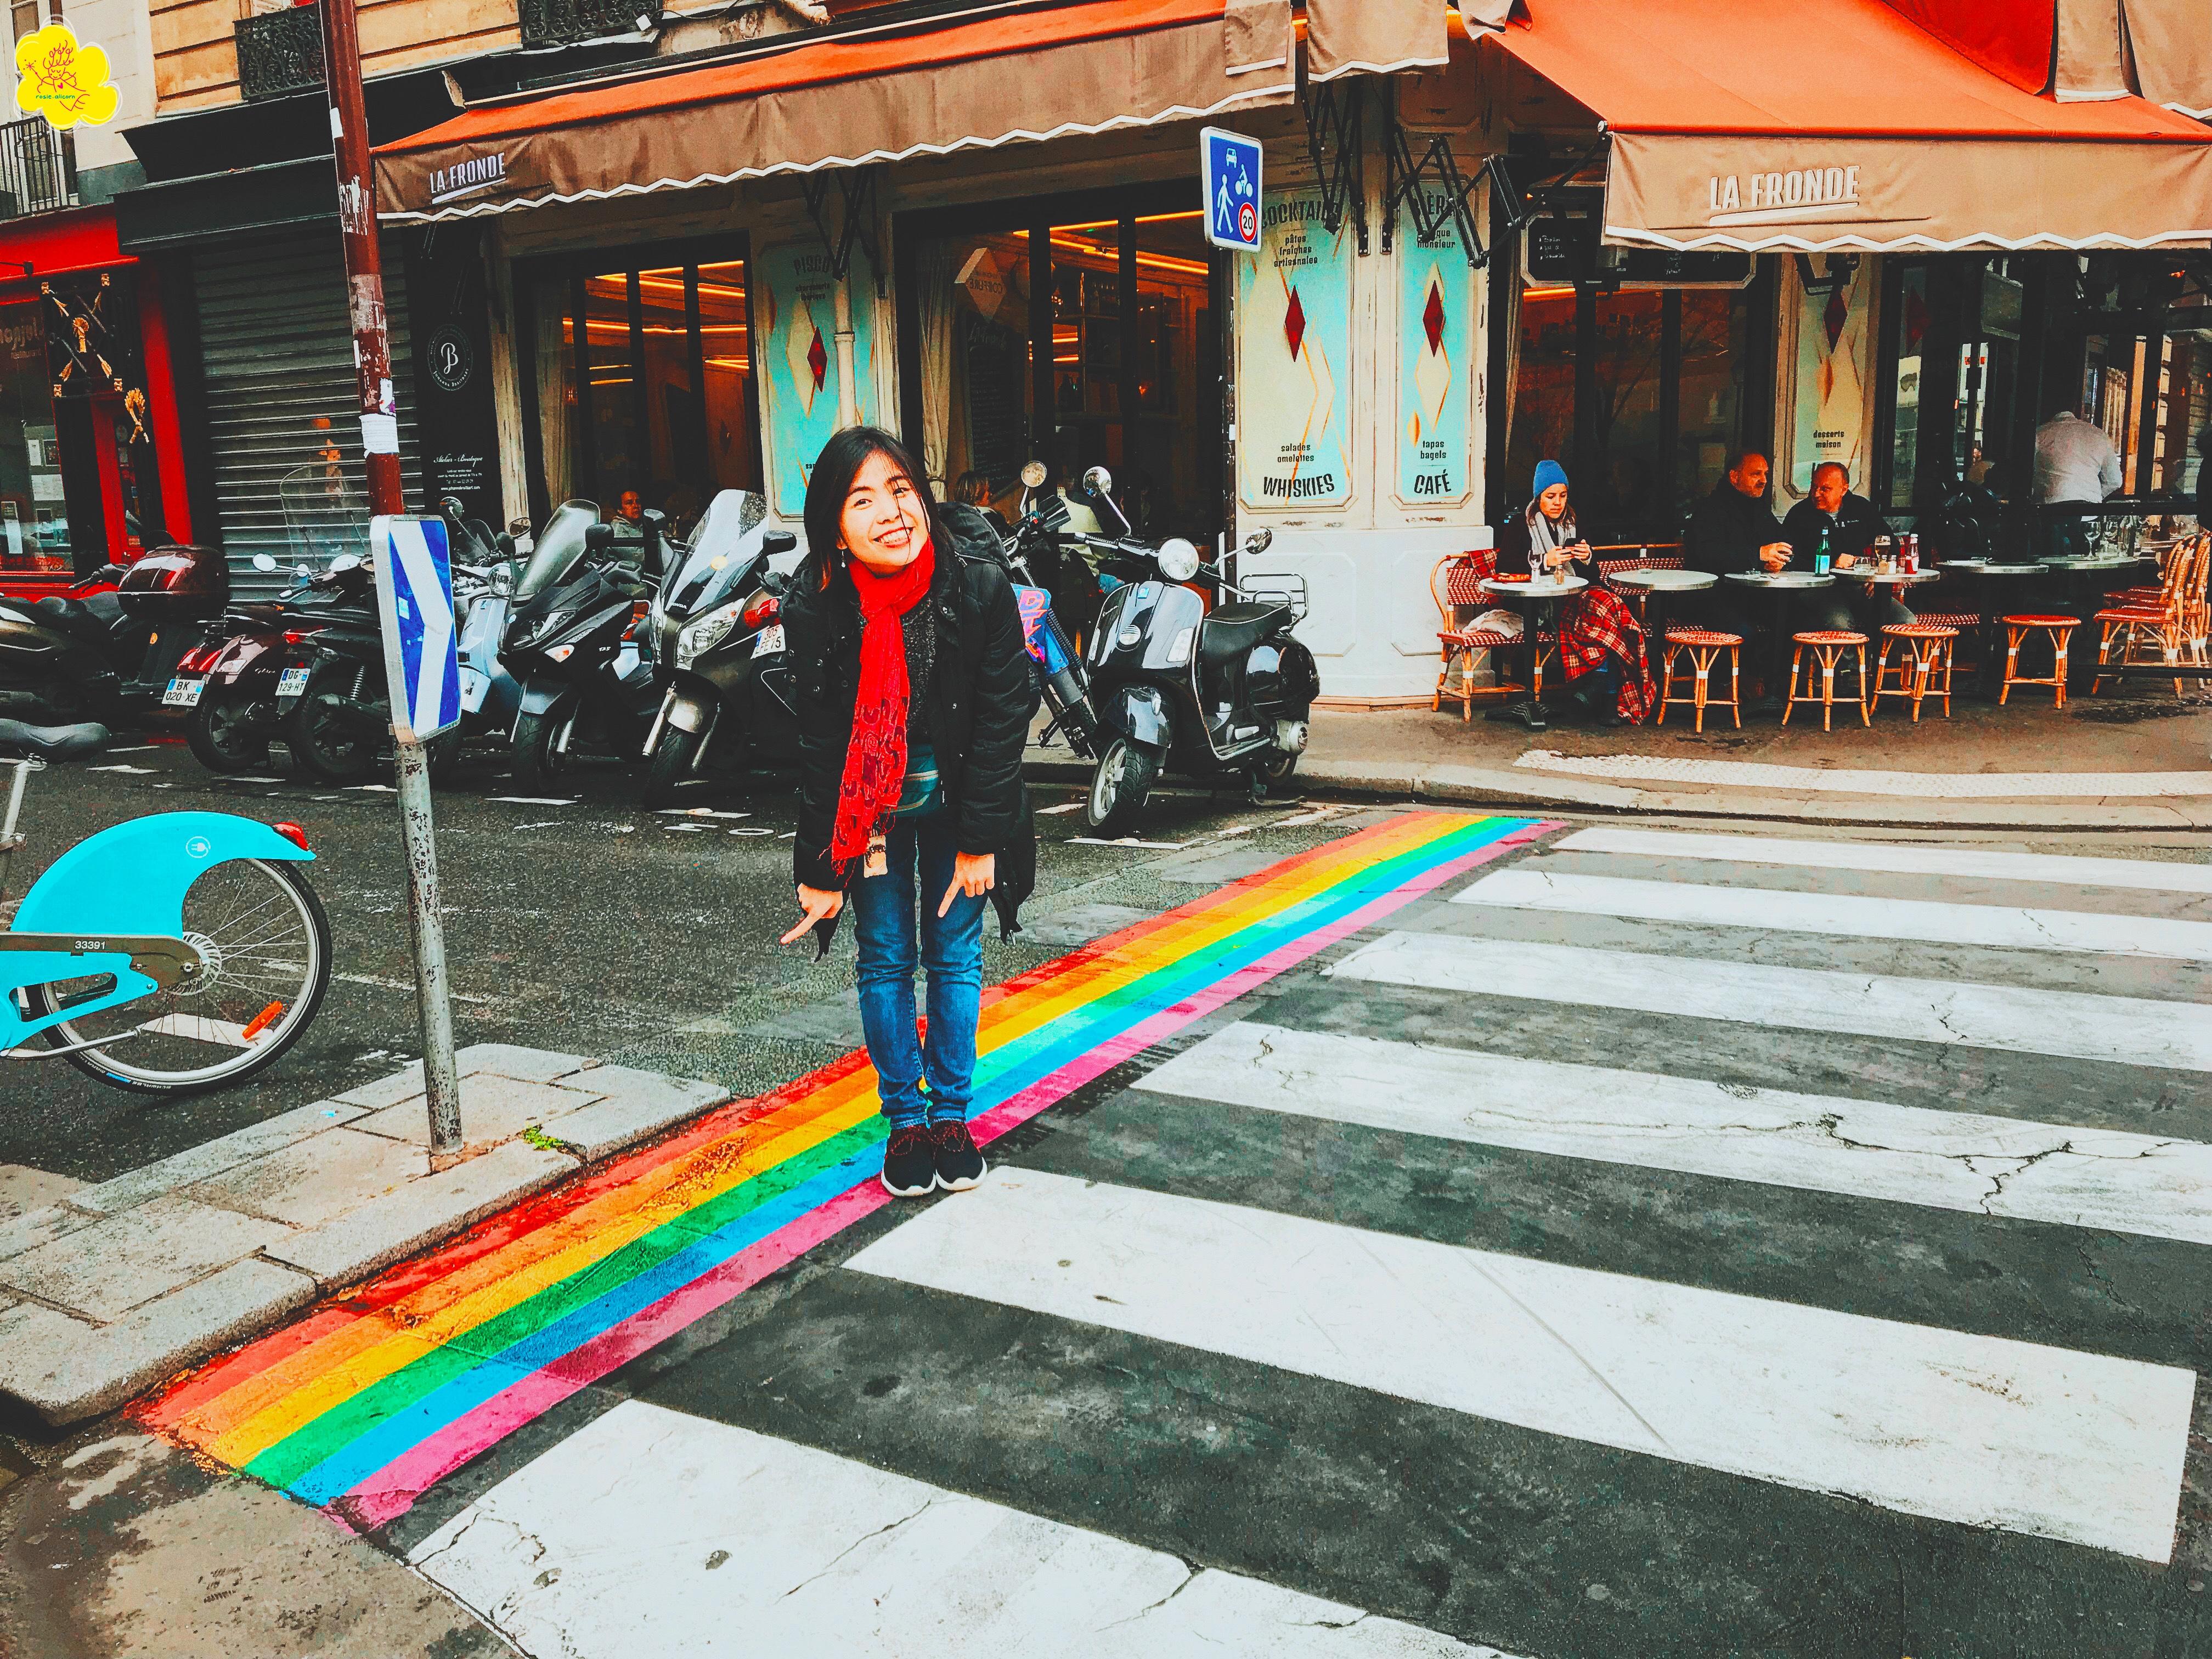 Rosie rainbow street uncropped.jpg